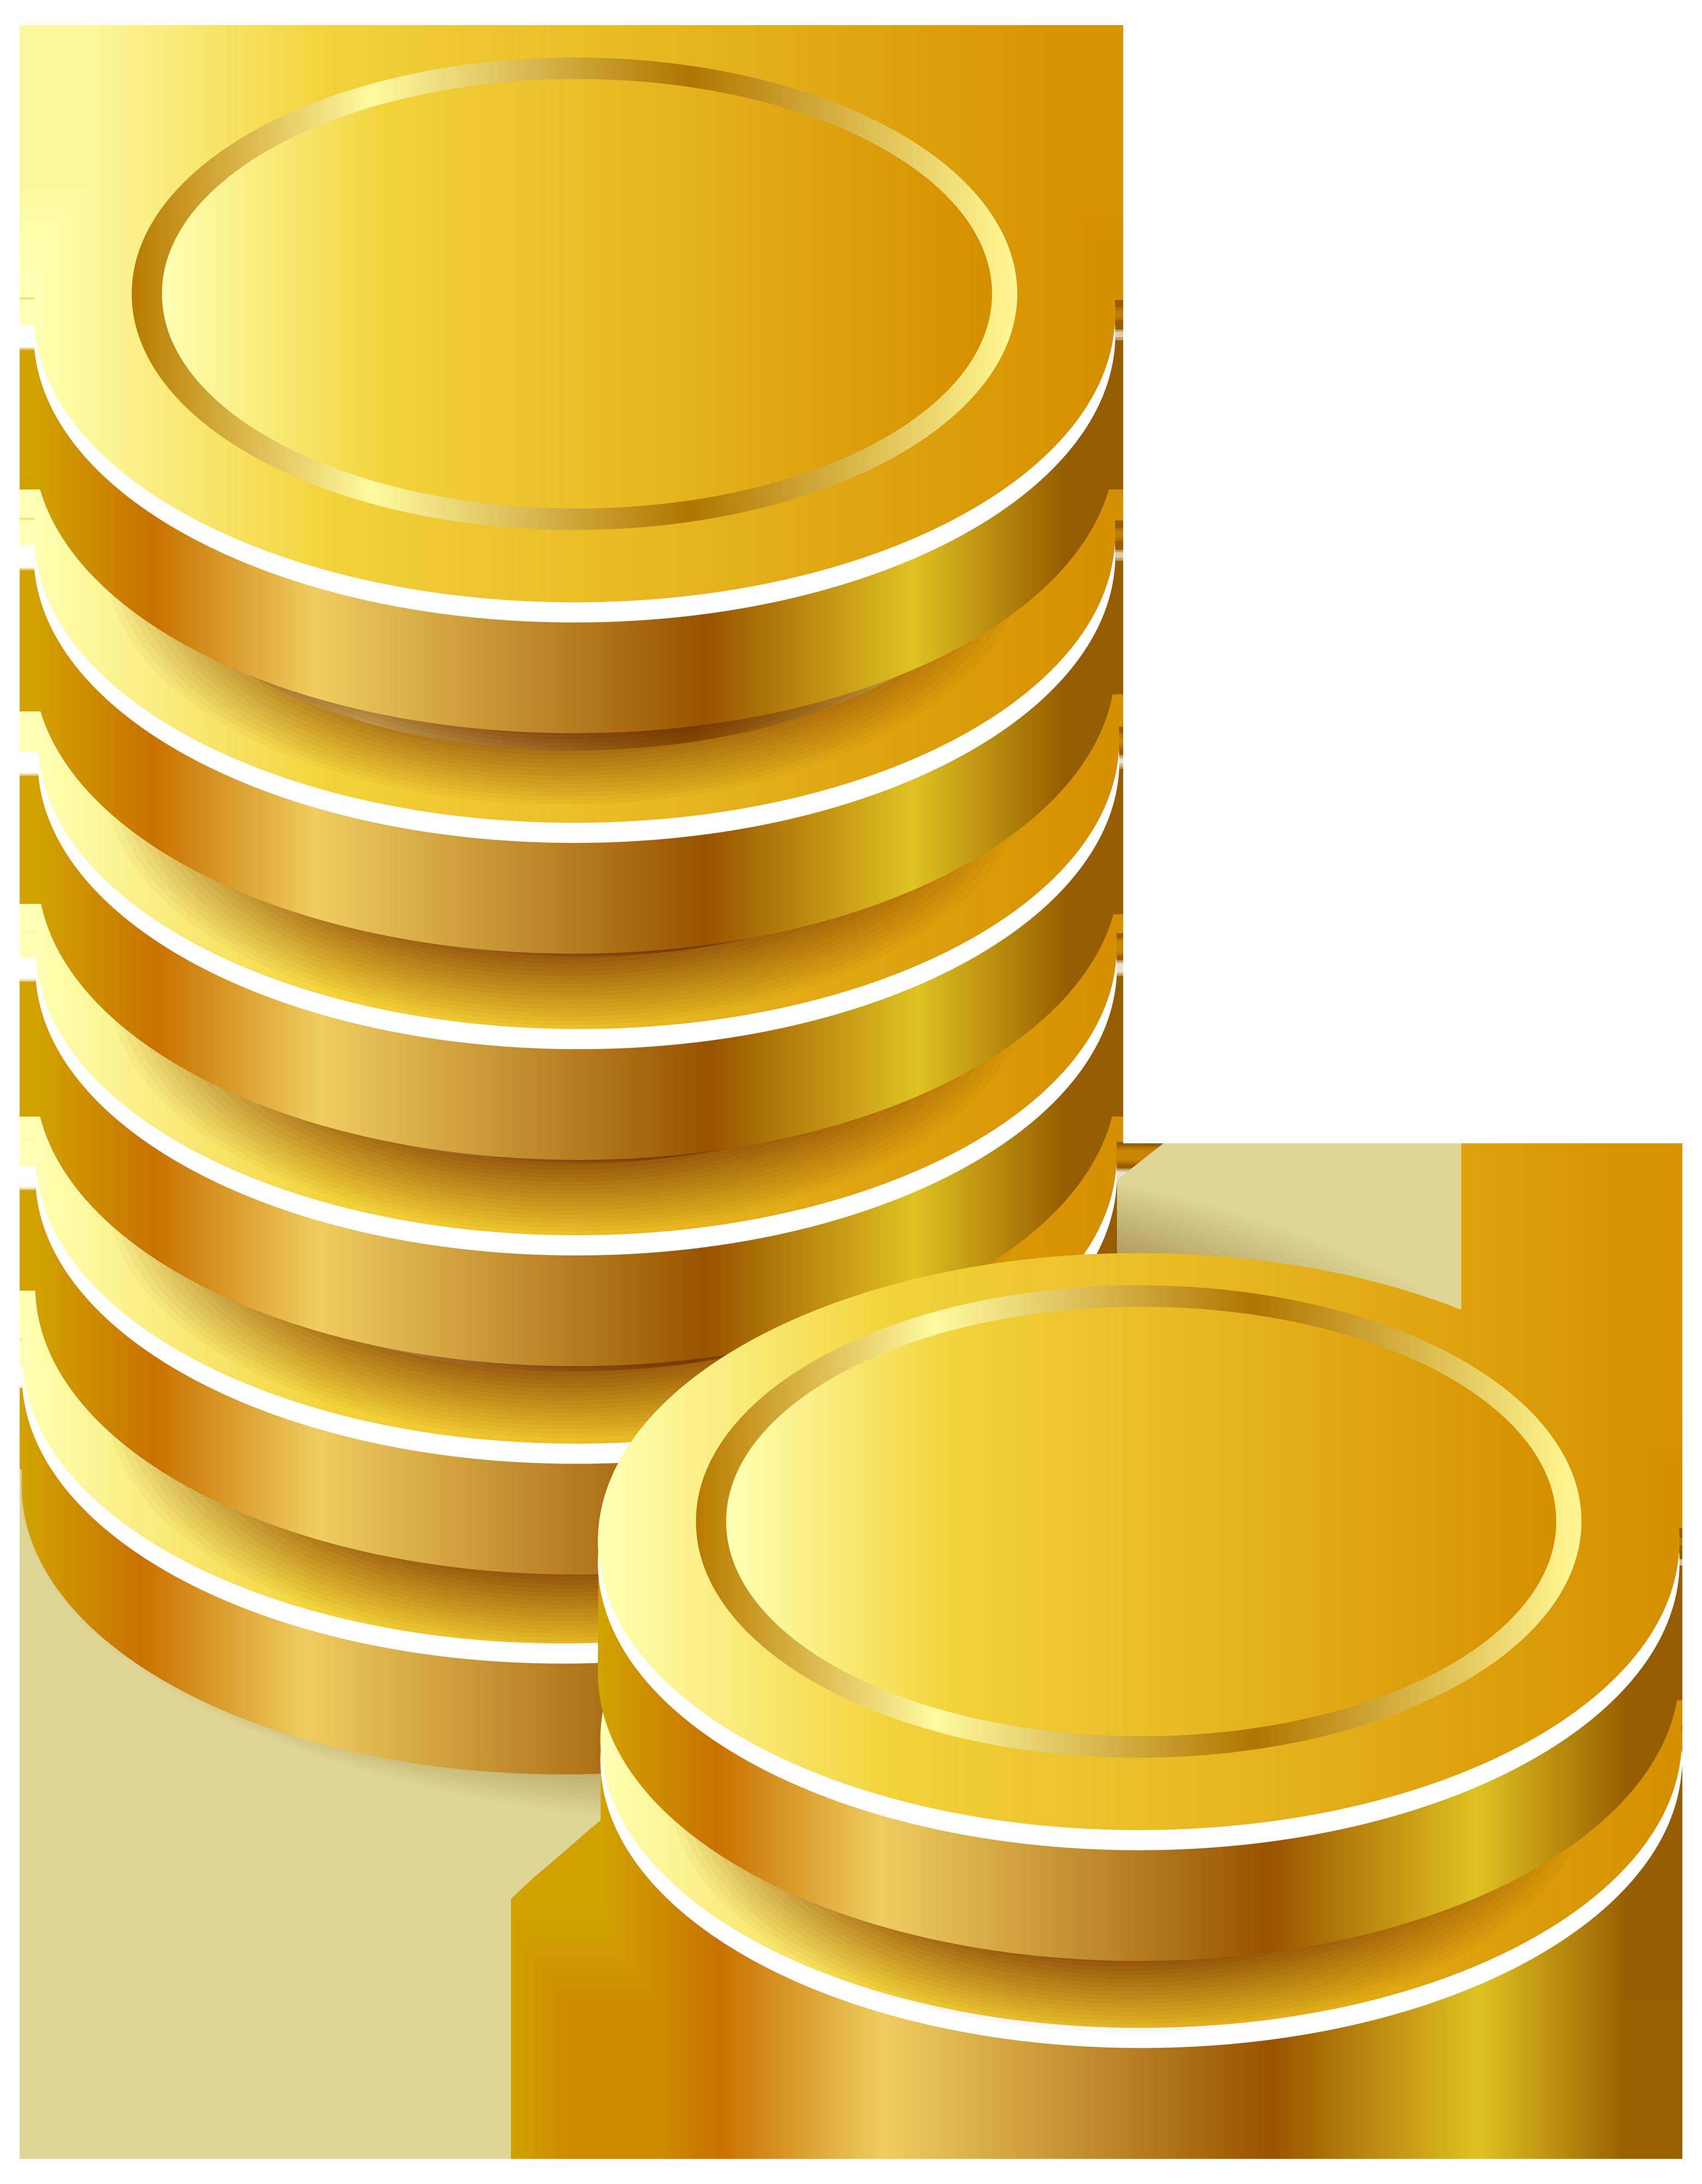 Gold Coins PNG Clipart - Best WEB Clipart clipart transparent